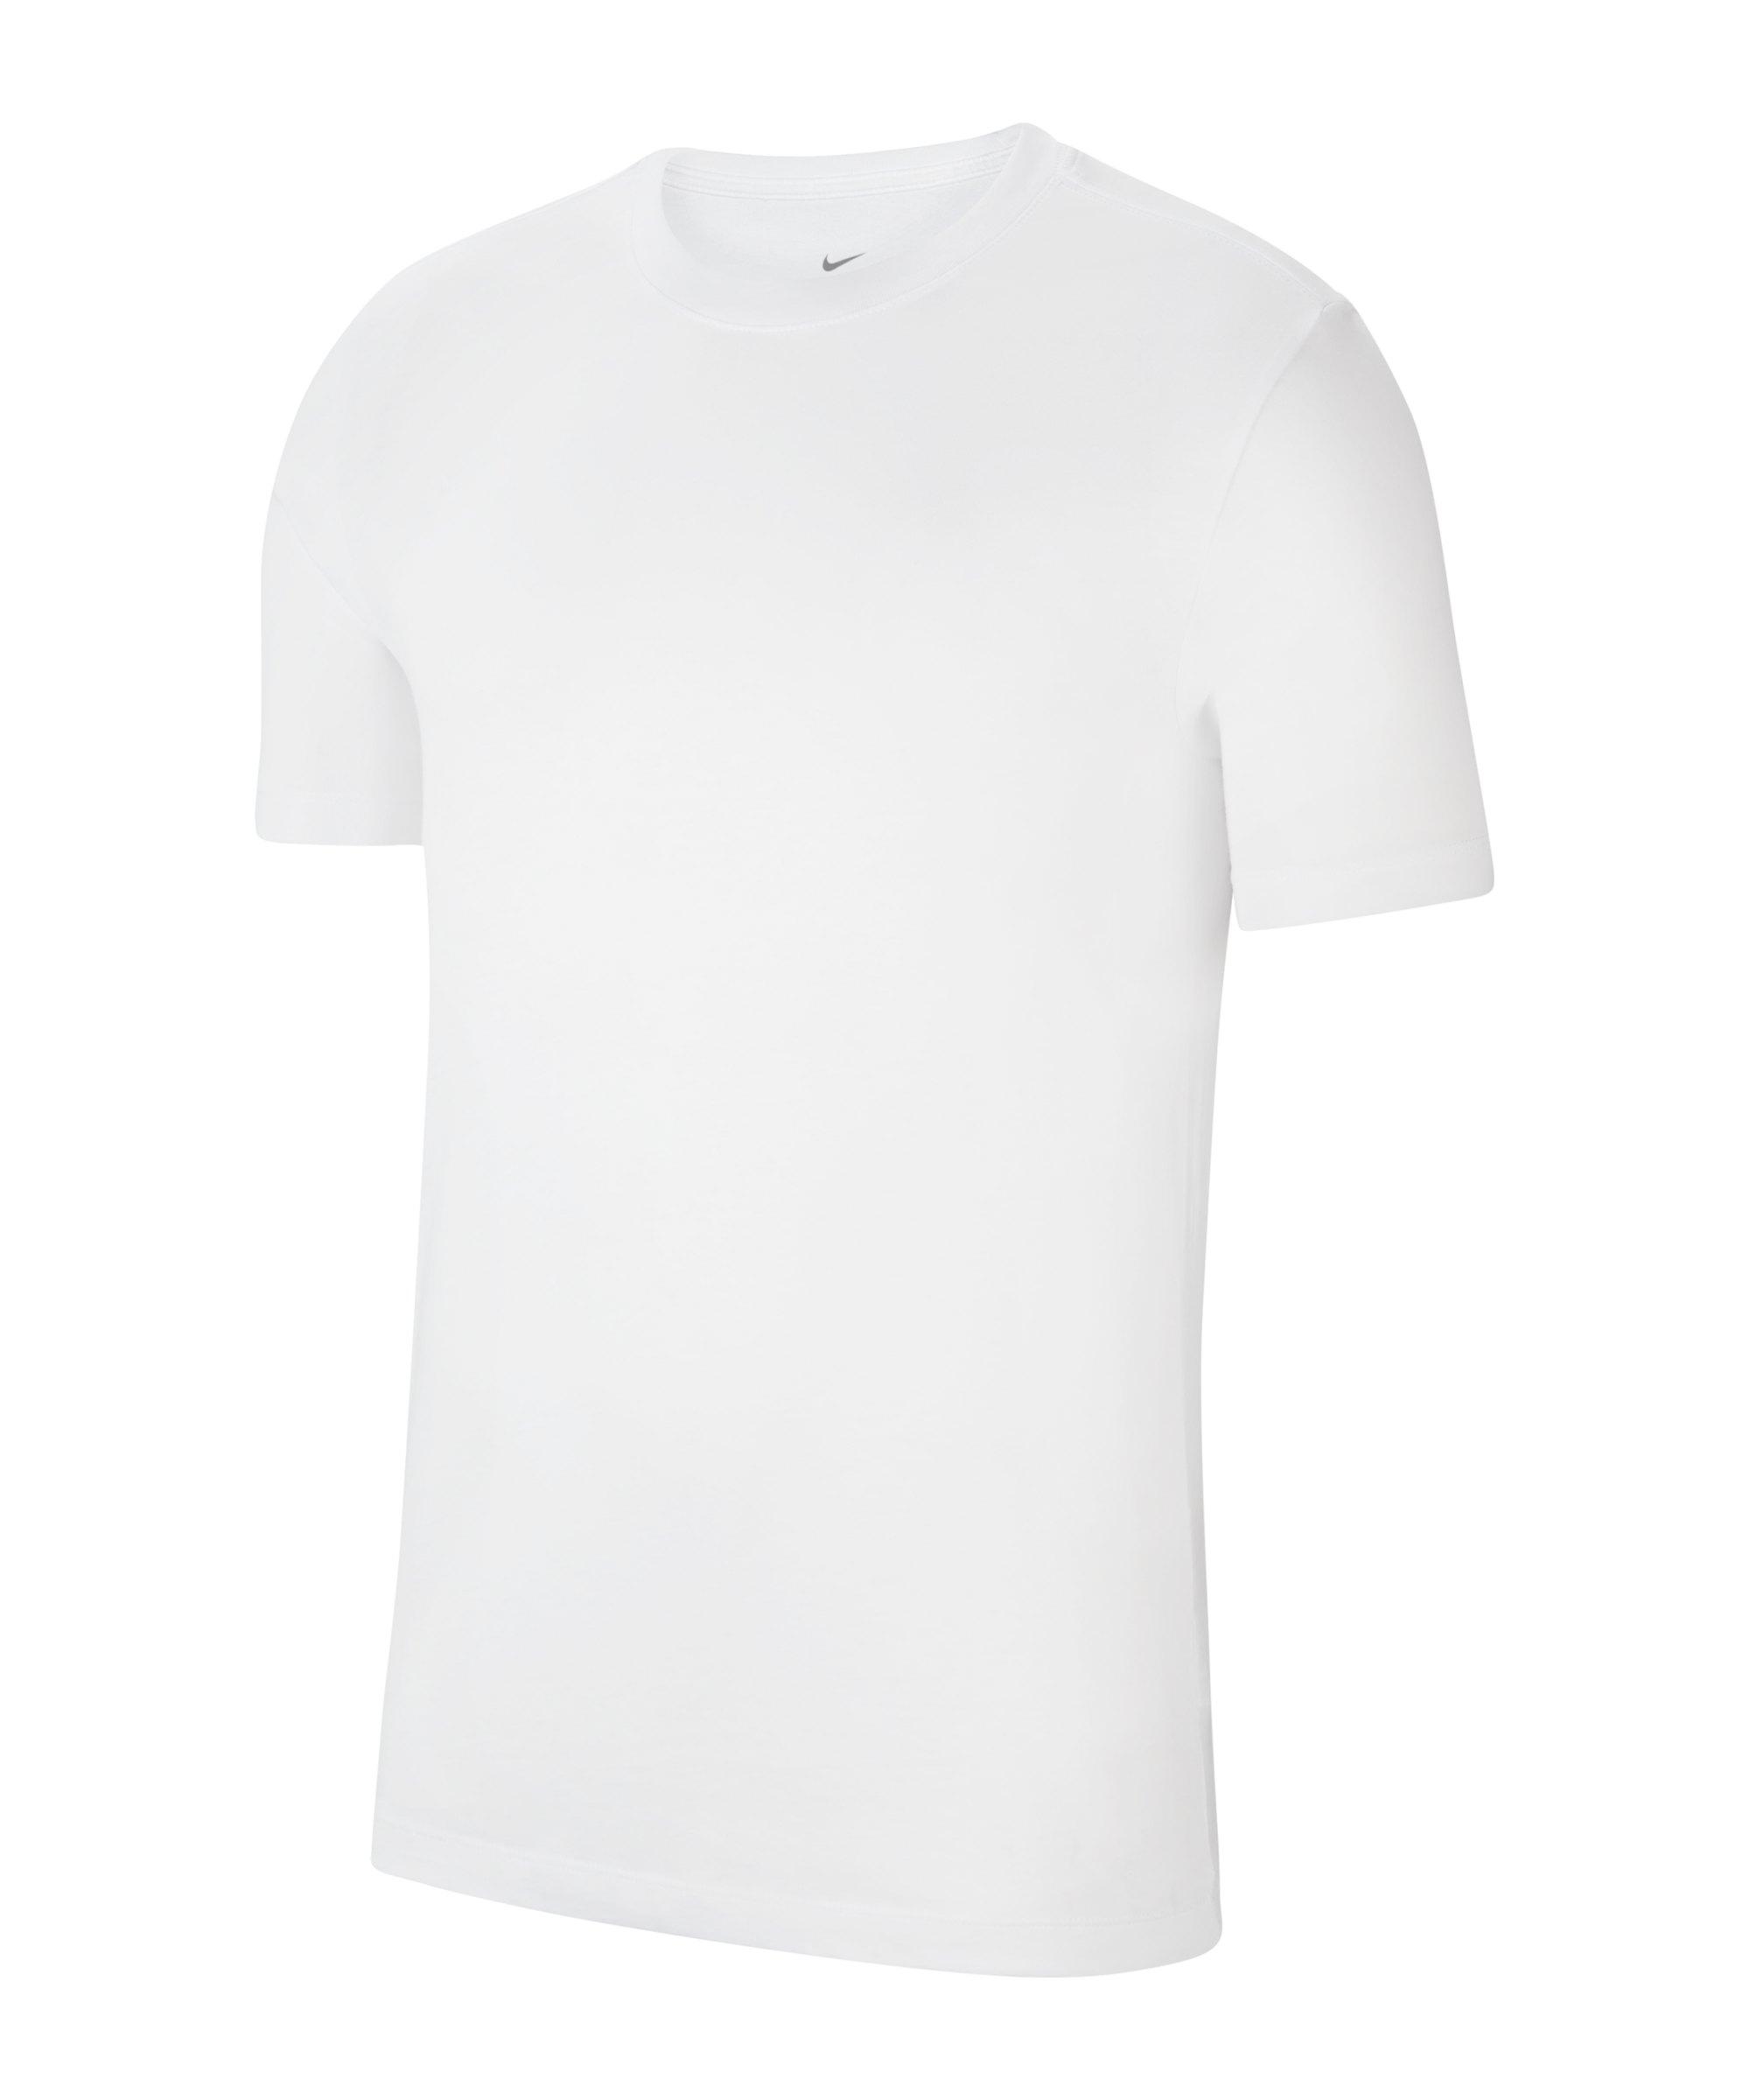 Nike Park 20 T-Shirt Weiss Schwarz F100 - weiss